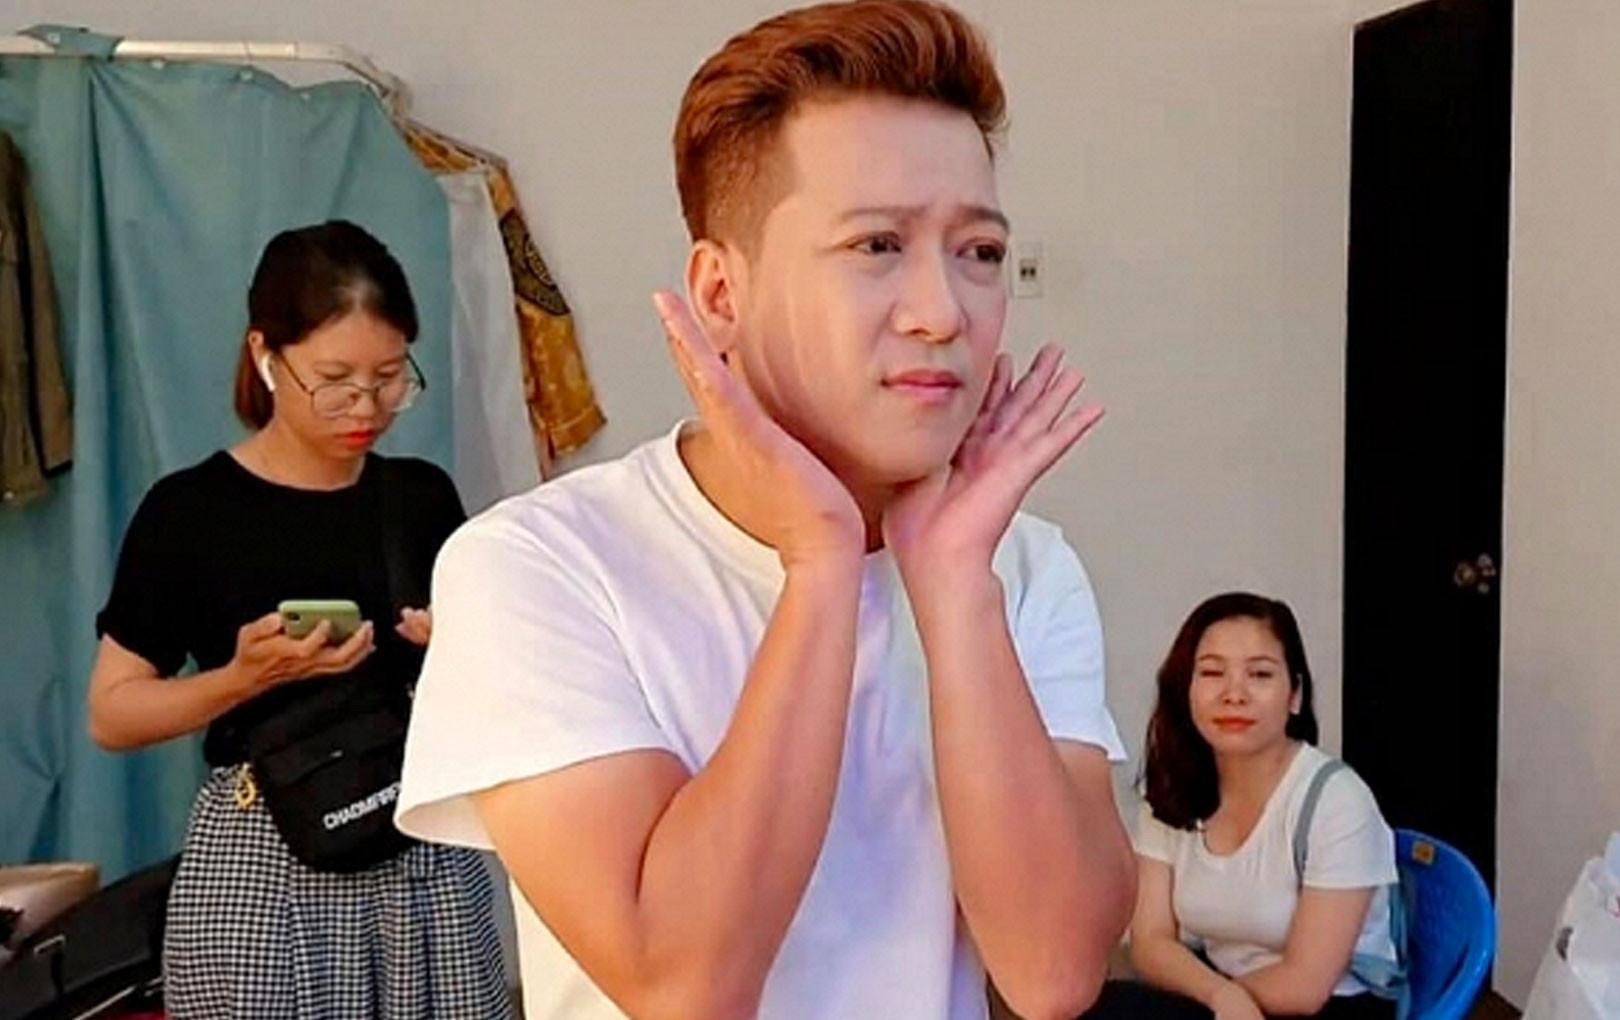 """Để xứng đôi vợ trẻ, Trường Giang bất ngờ thay đổi điểm này trông cực điển trai khiến fan phải """"dụi mắt"""" liên tục vì xuýt không nhận ra"""